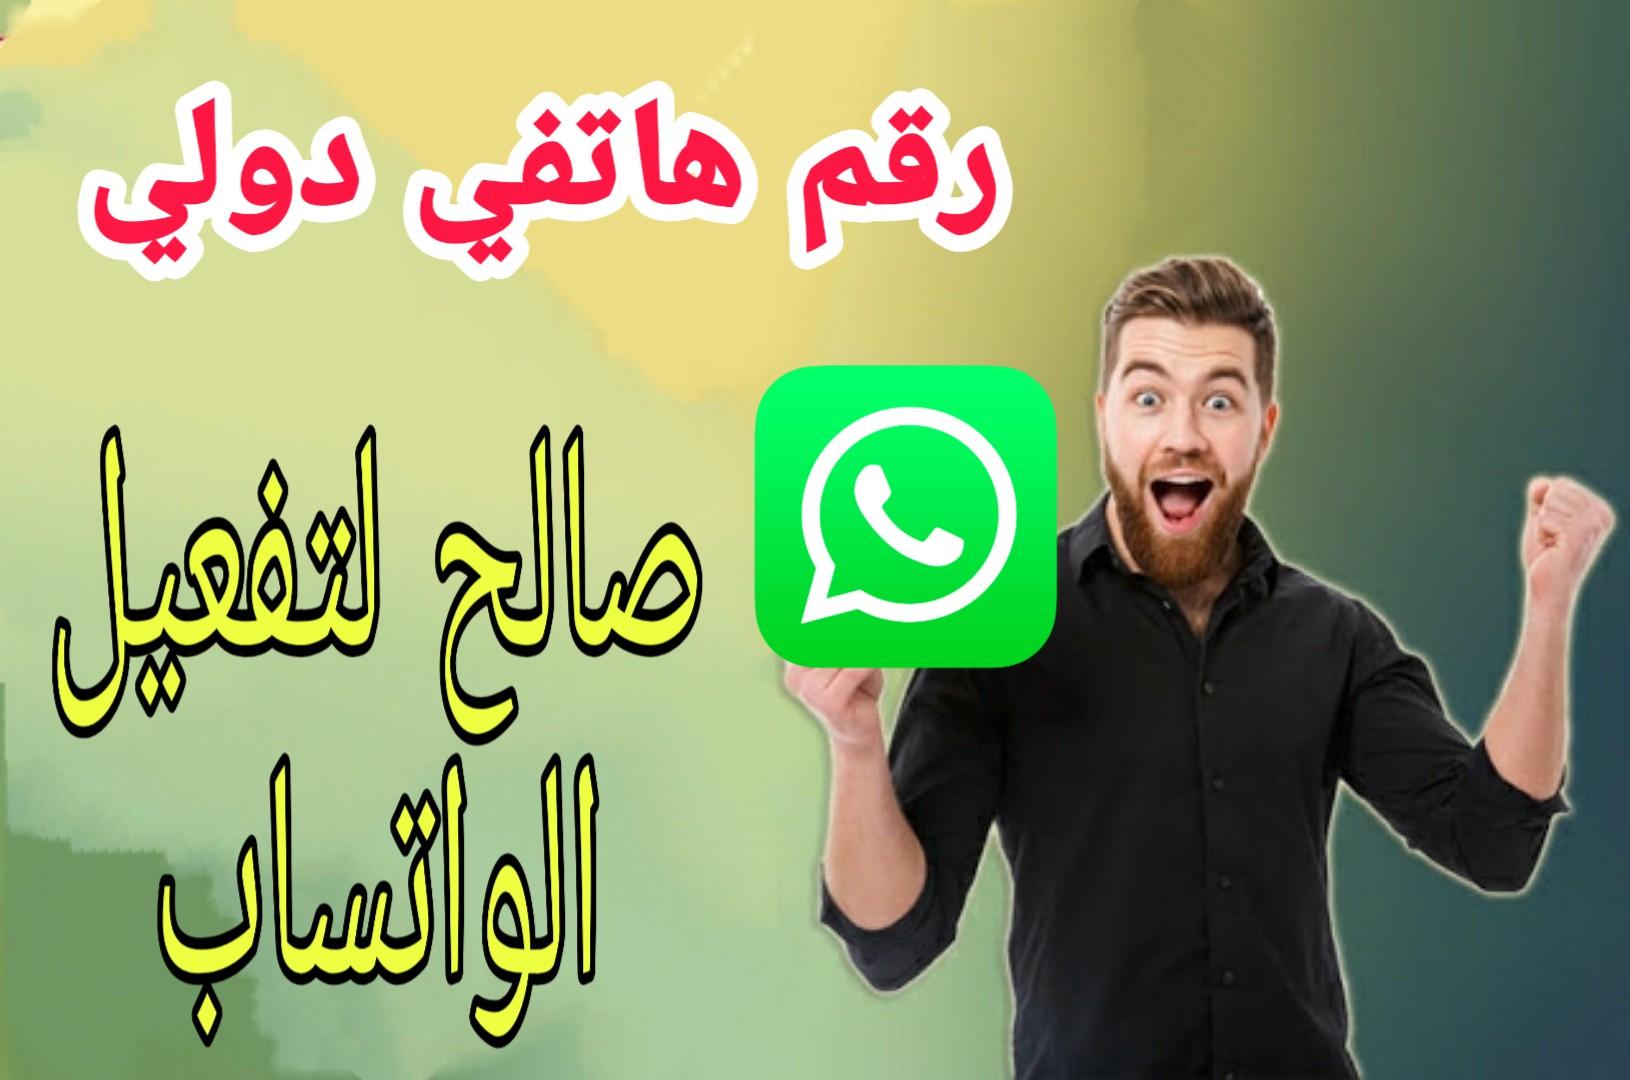 حصري طريقة الحصول رقم هاتفي دولي لأي دولة تريدها بالمجان صالح لتفعيل الواتساب